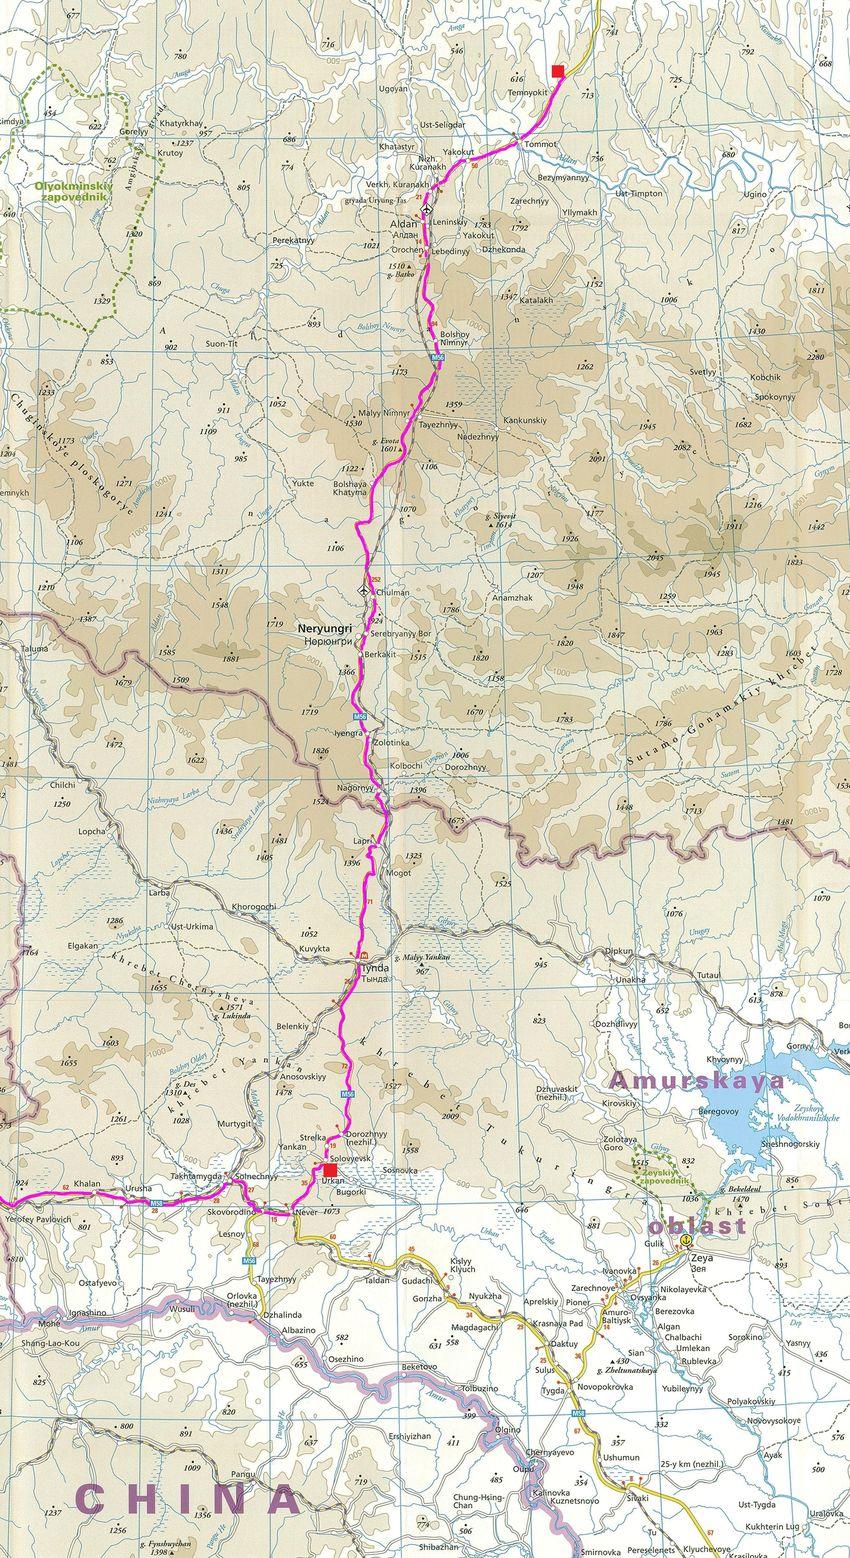 19-07-27-map